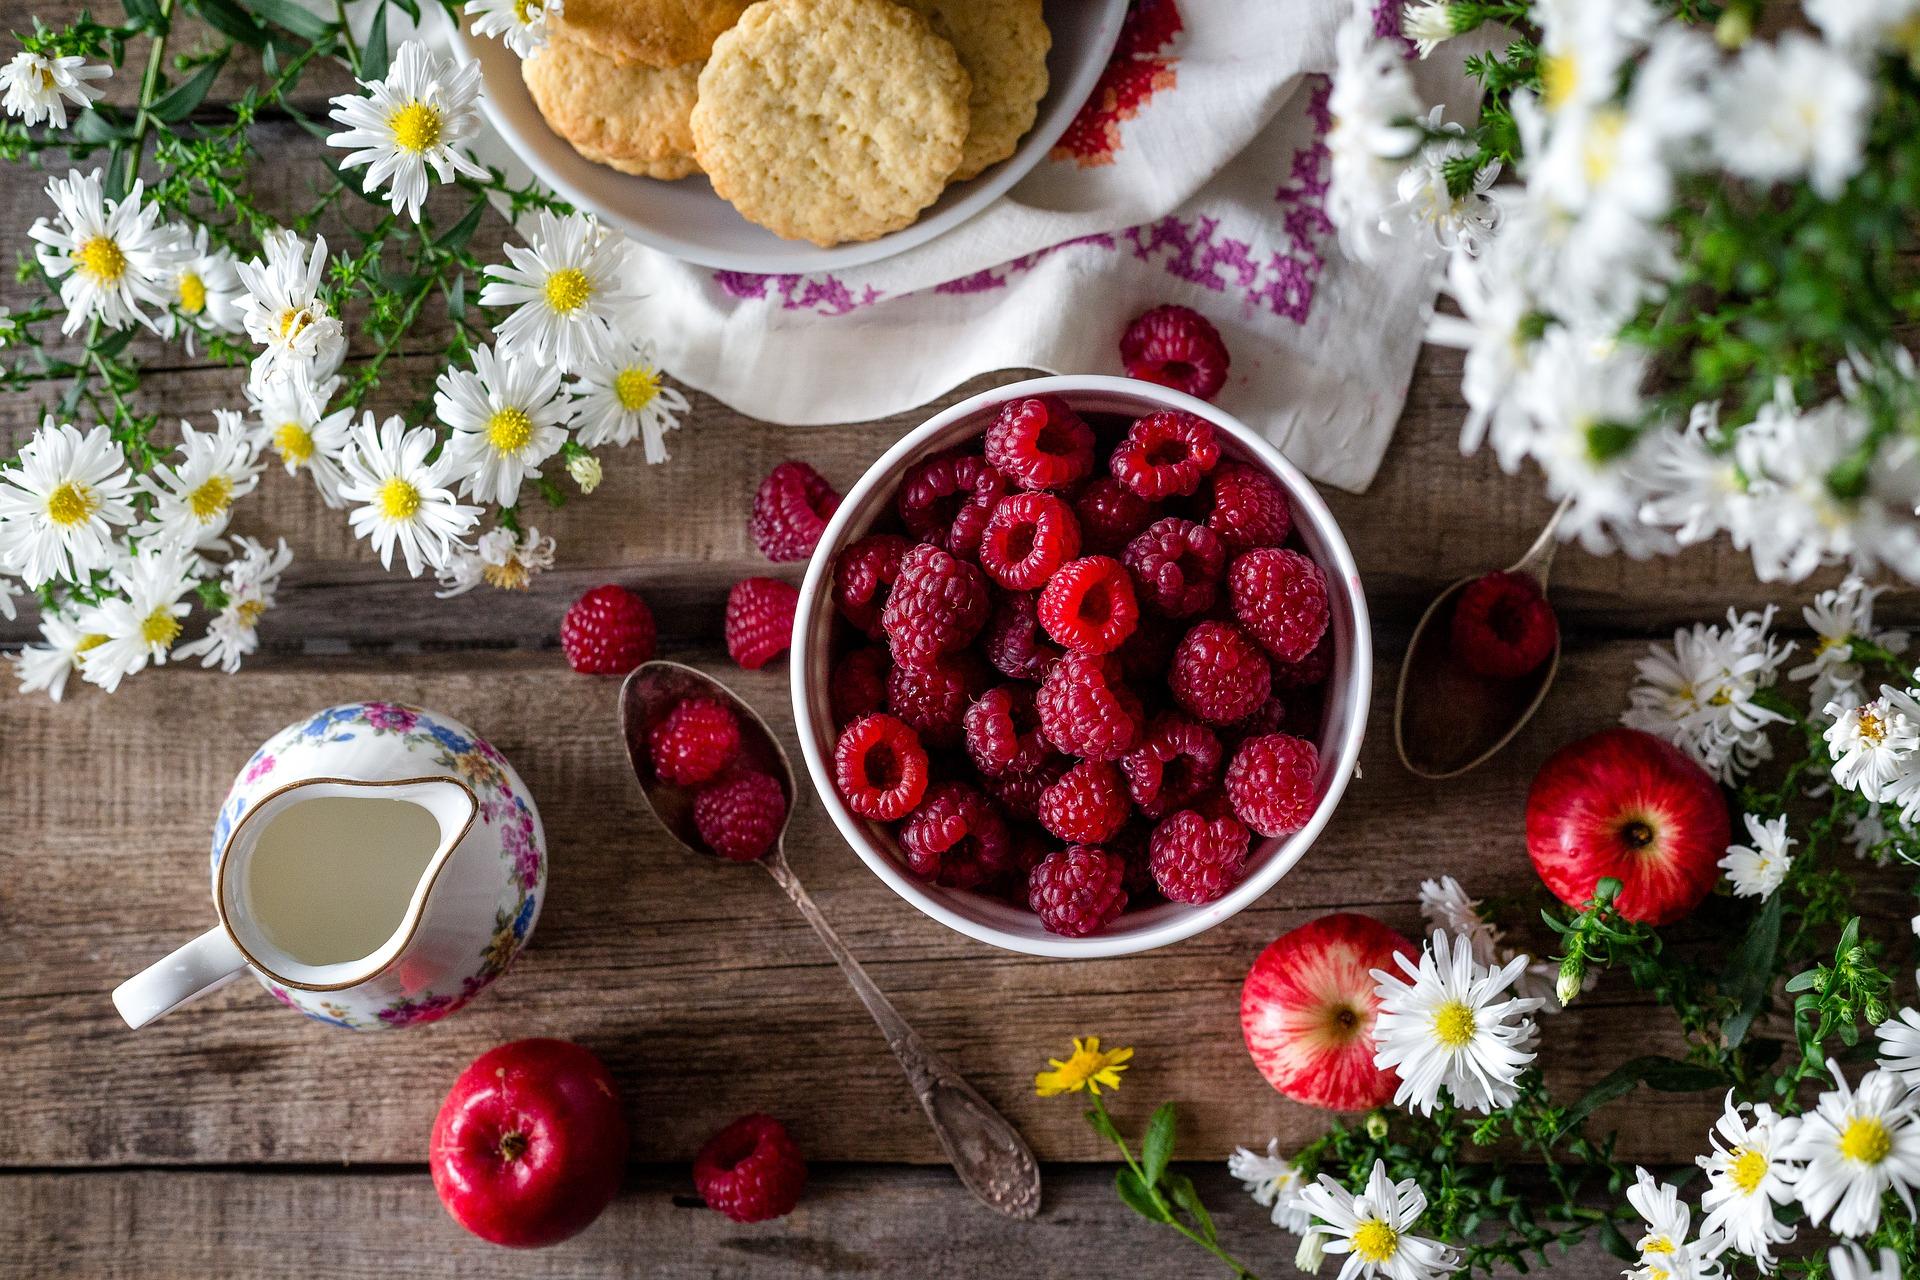 Tigela com framboesas e maçãs, biscoitos, leiteira e flores.